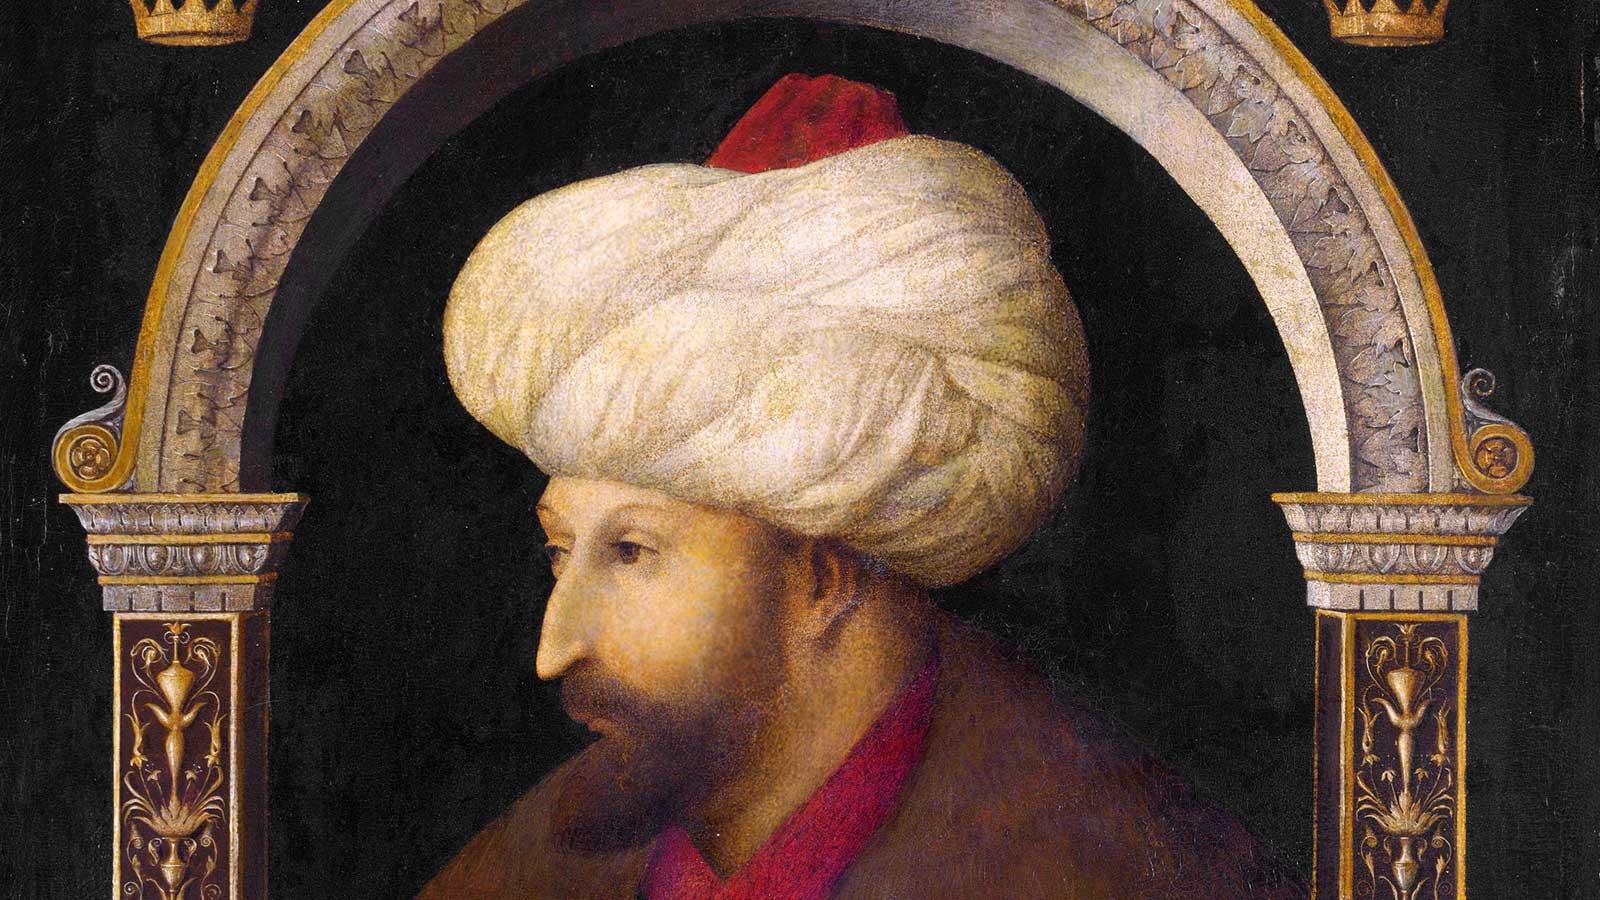 Mehmet Sultan